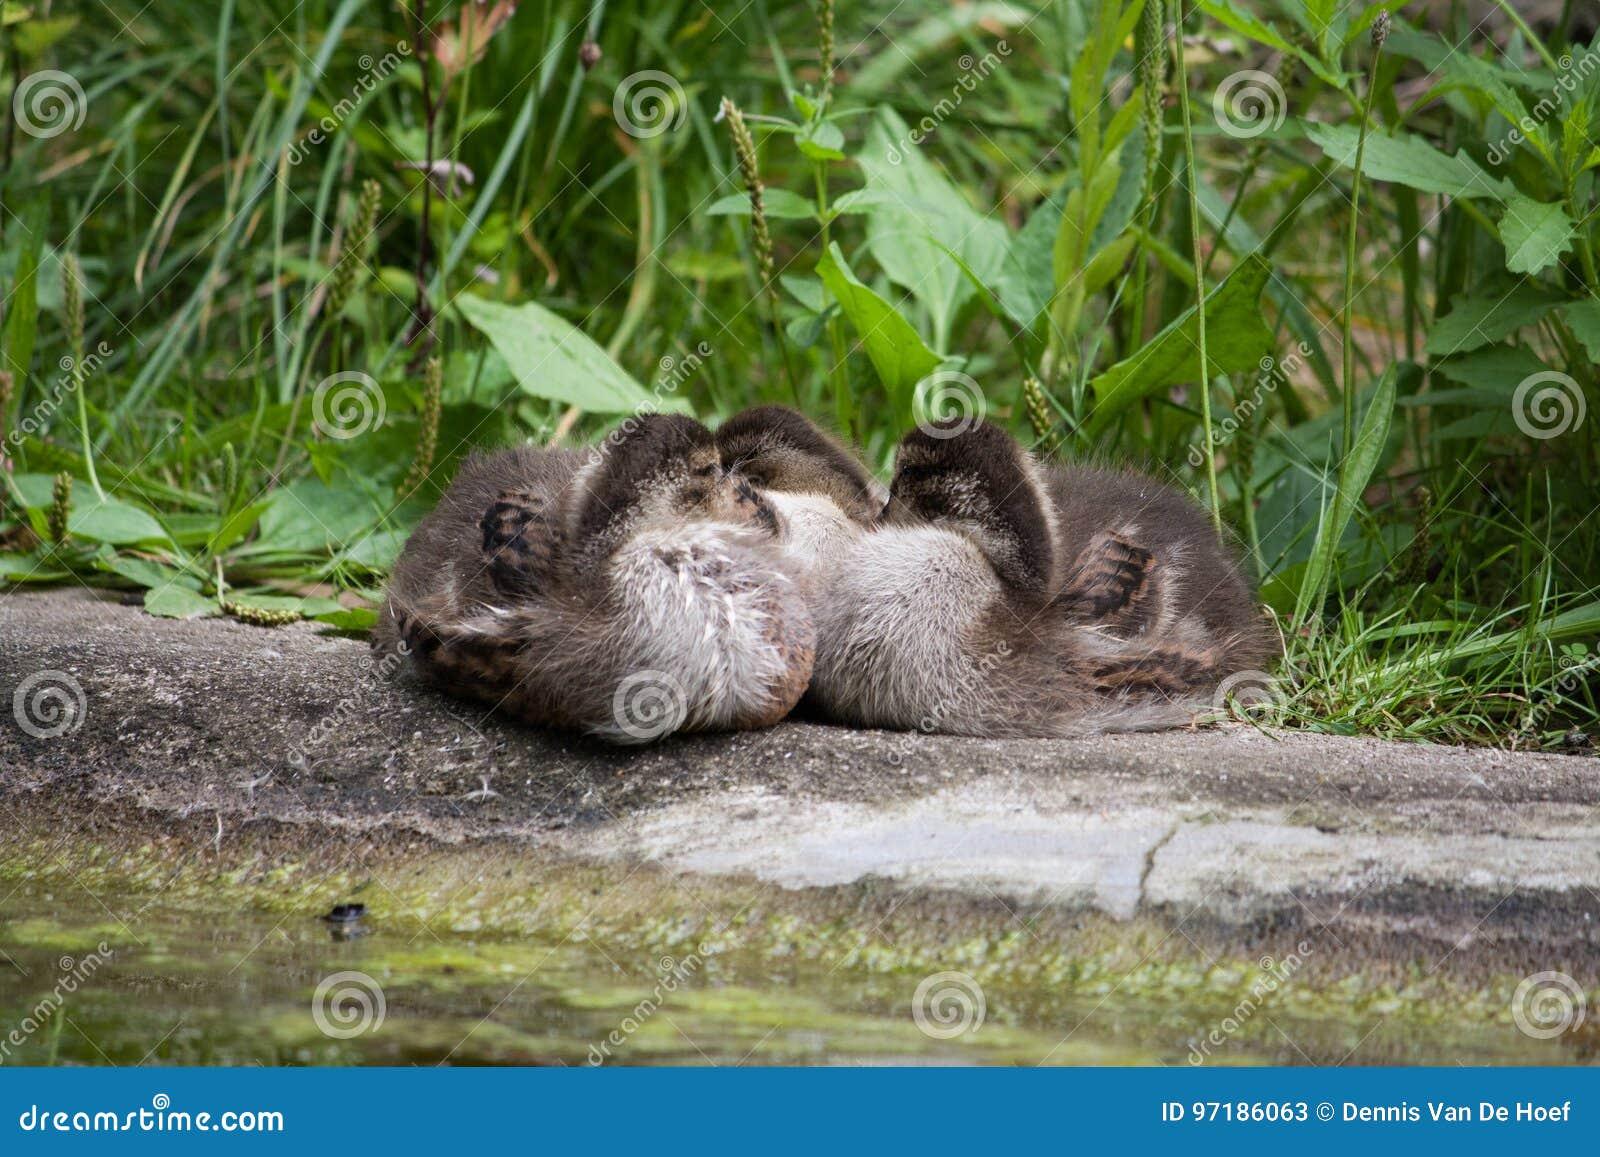 Three baby ducks sleeping.